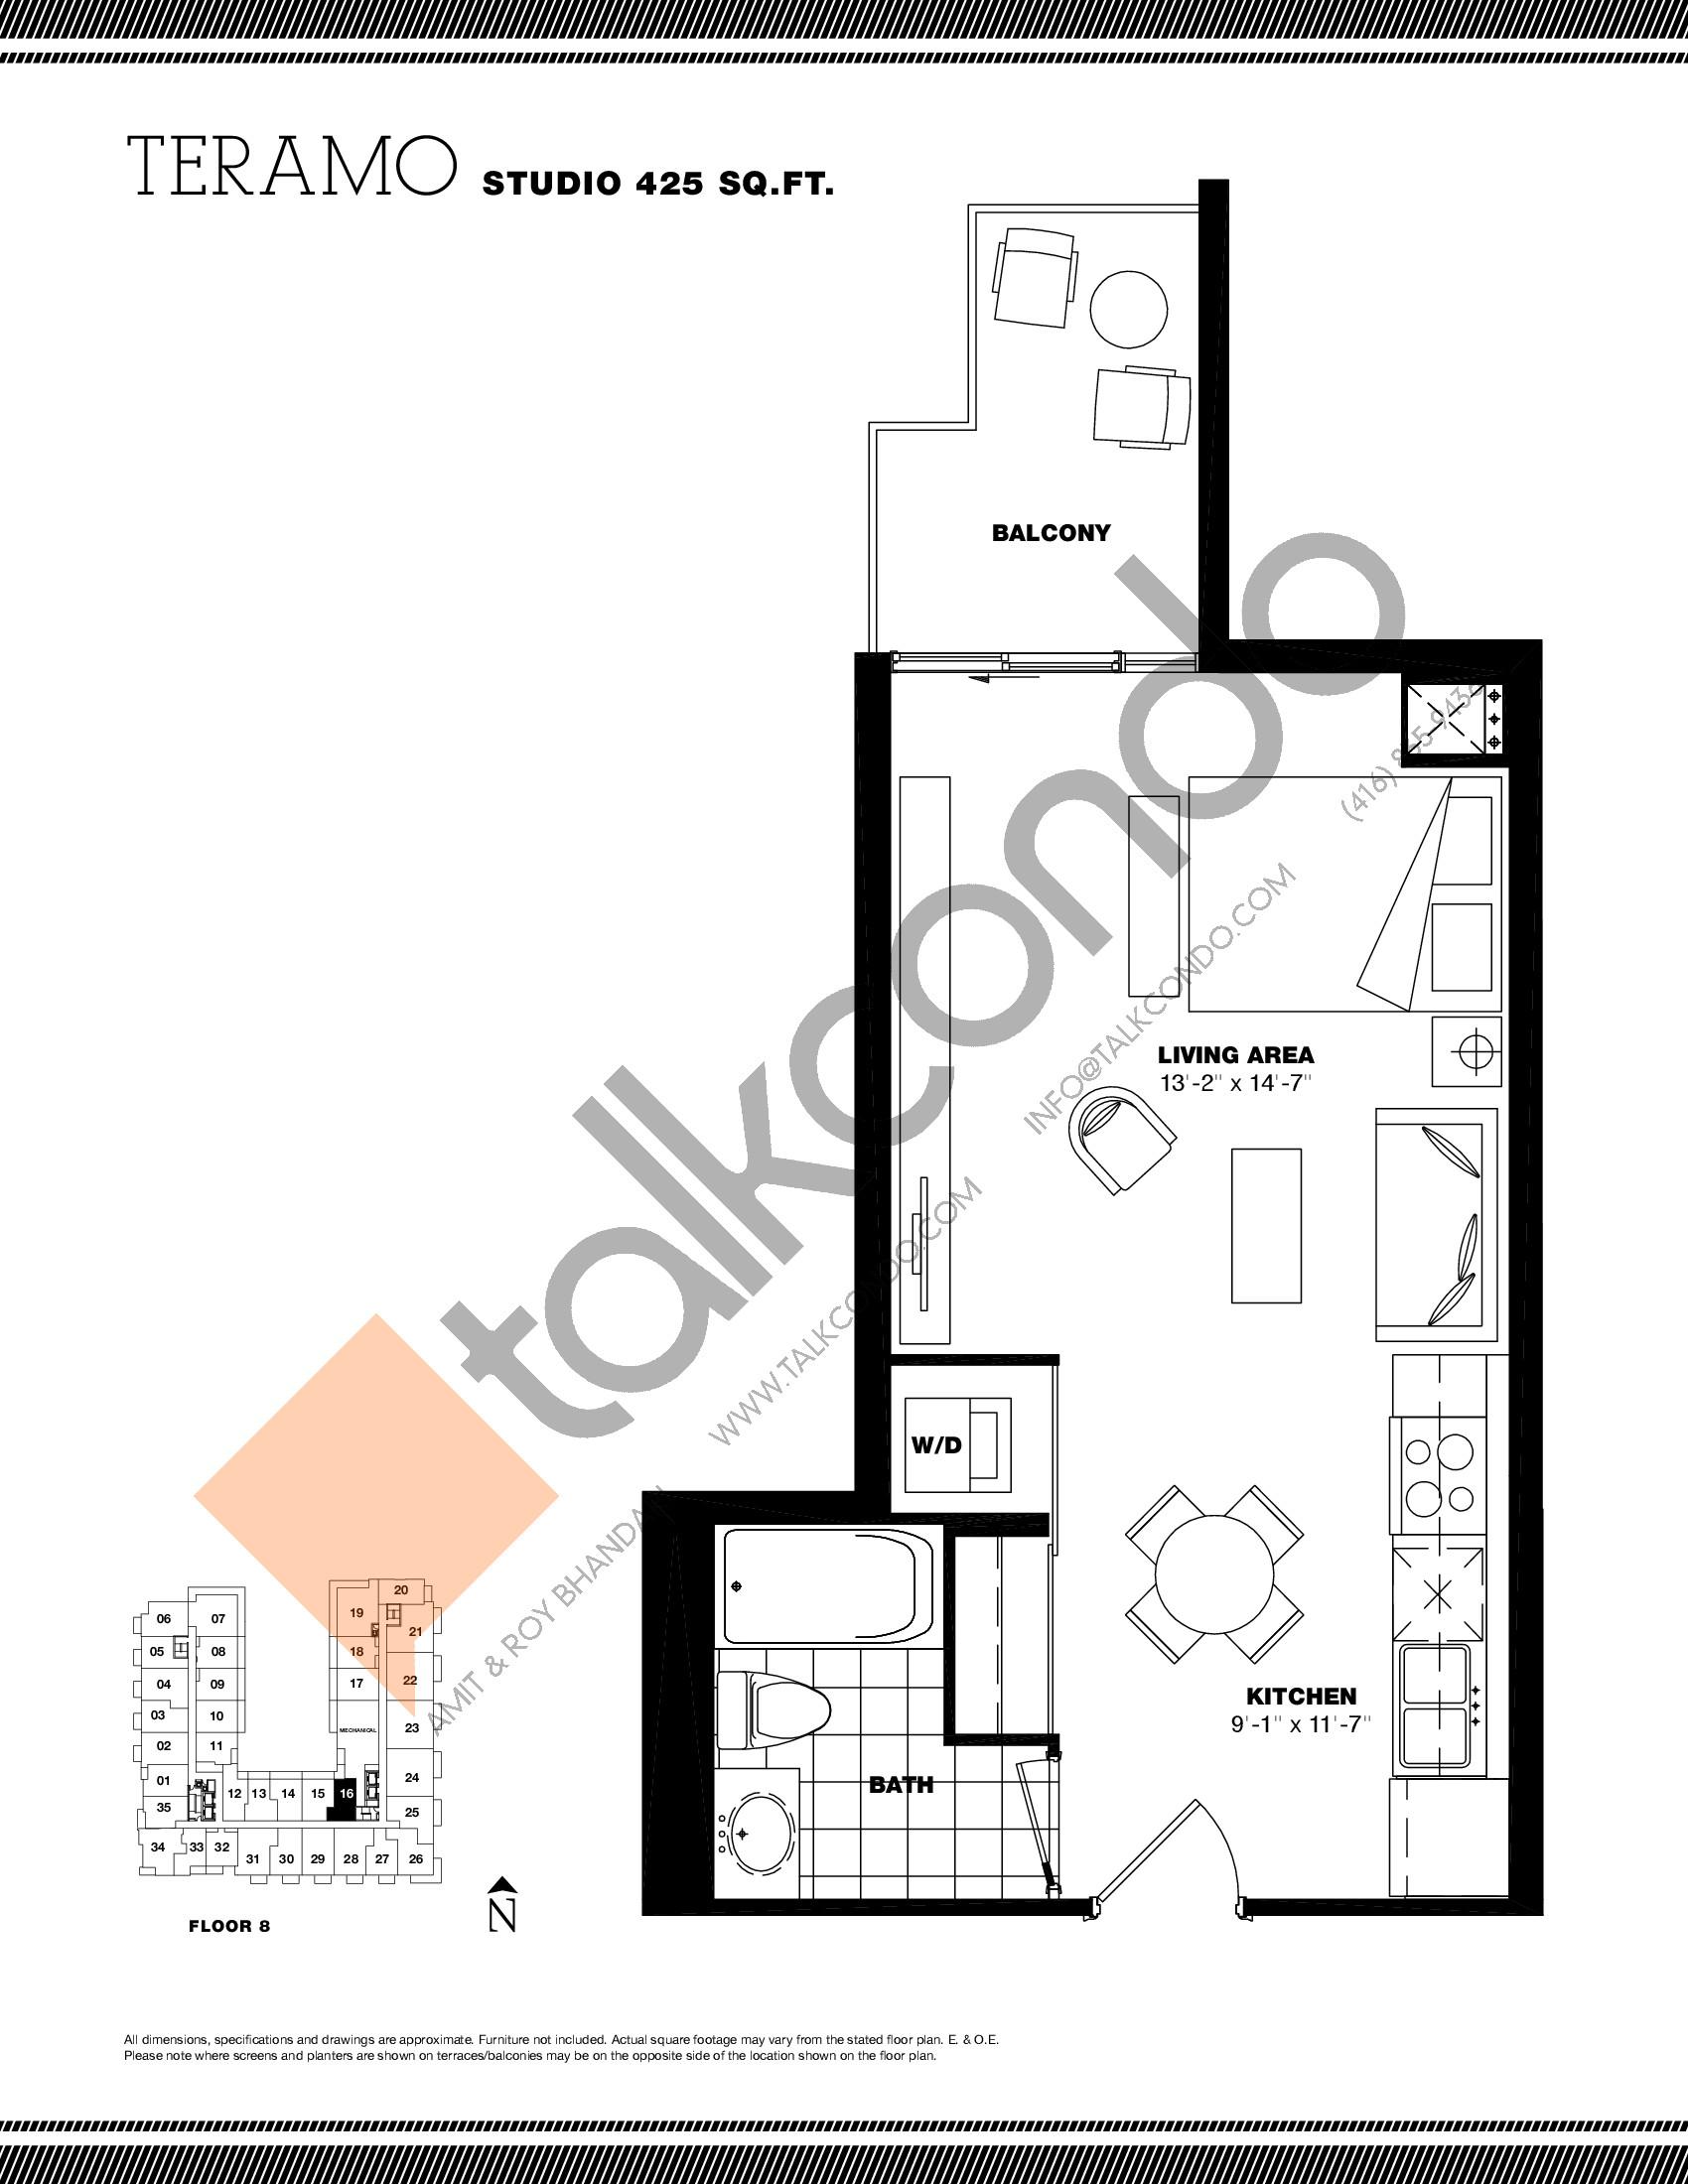 Teramo Floor Plan at Residenze Palazzo at Treviso 3 Condos - 425 sq.ft